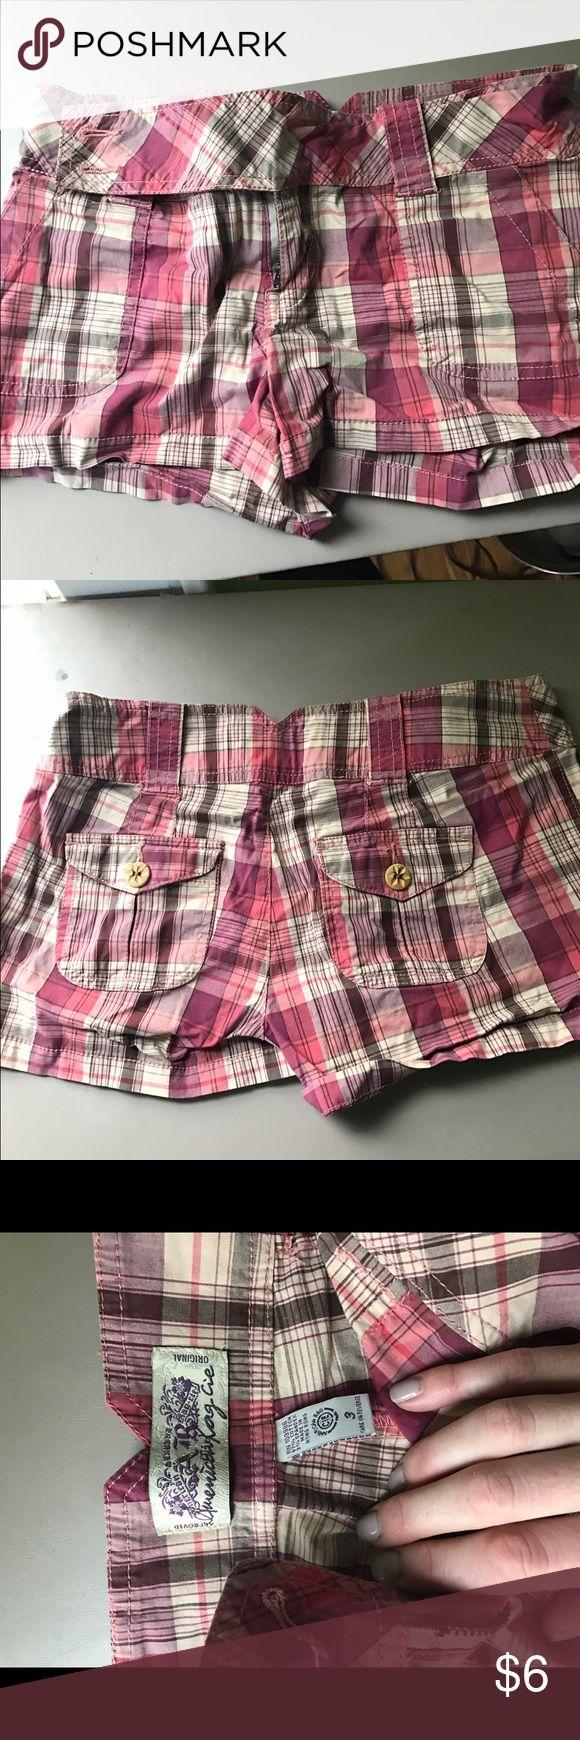 Cute pink plaid shorts American rag size 3 Cute pink plaid shorts American rag size 3 American Rag Shorts